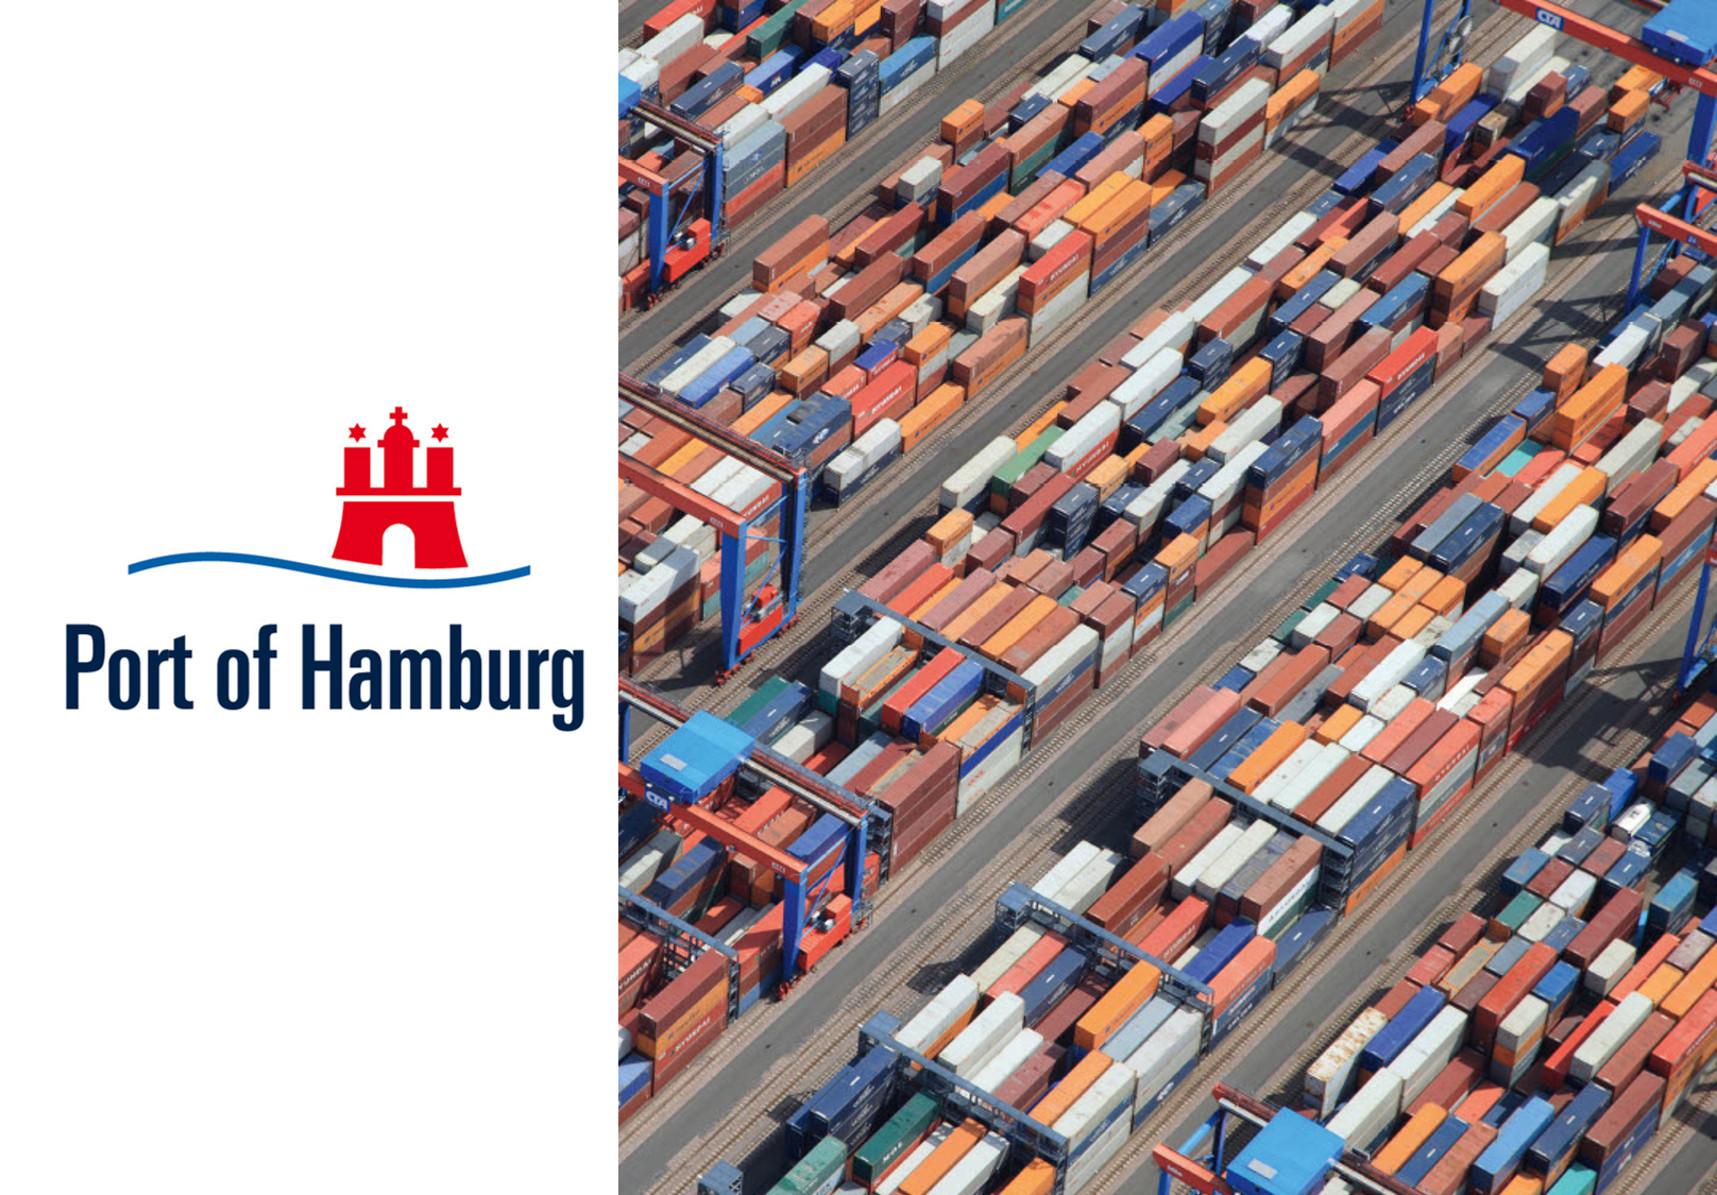 Messestand Hafen Hamburg Unternehmen 2